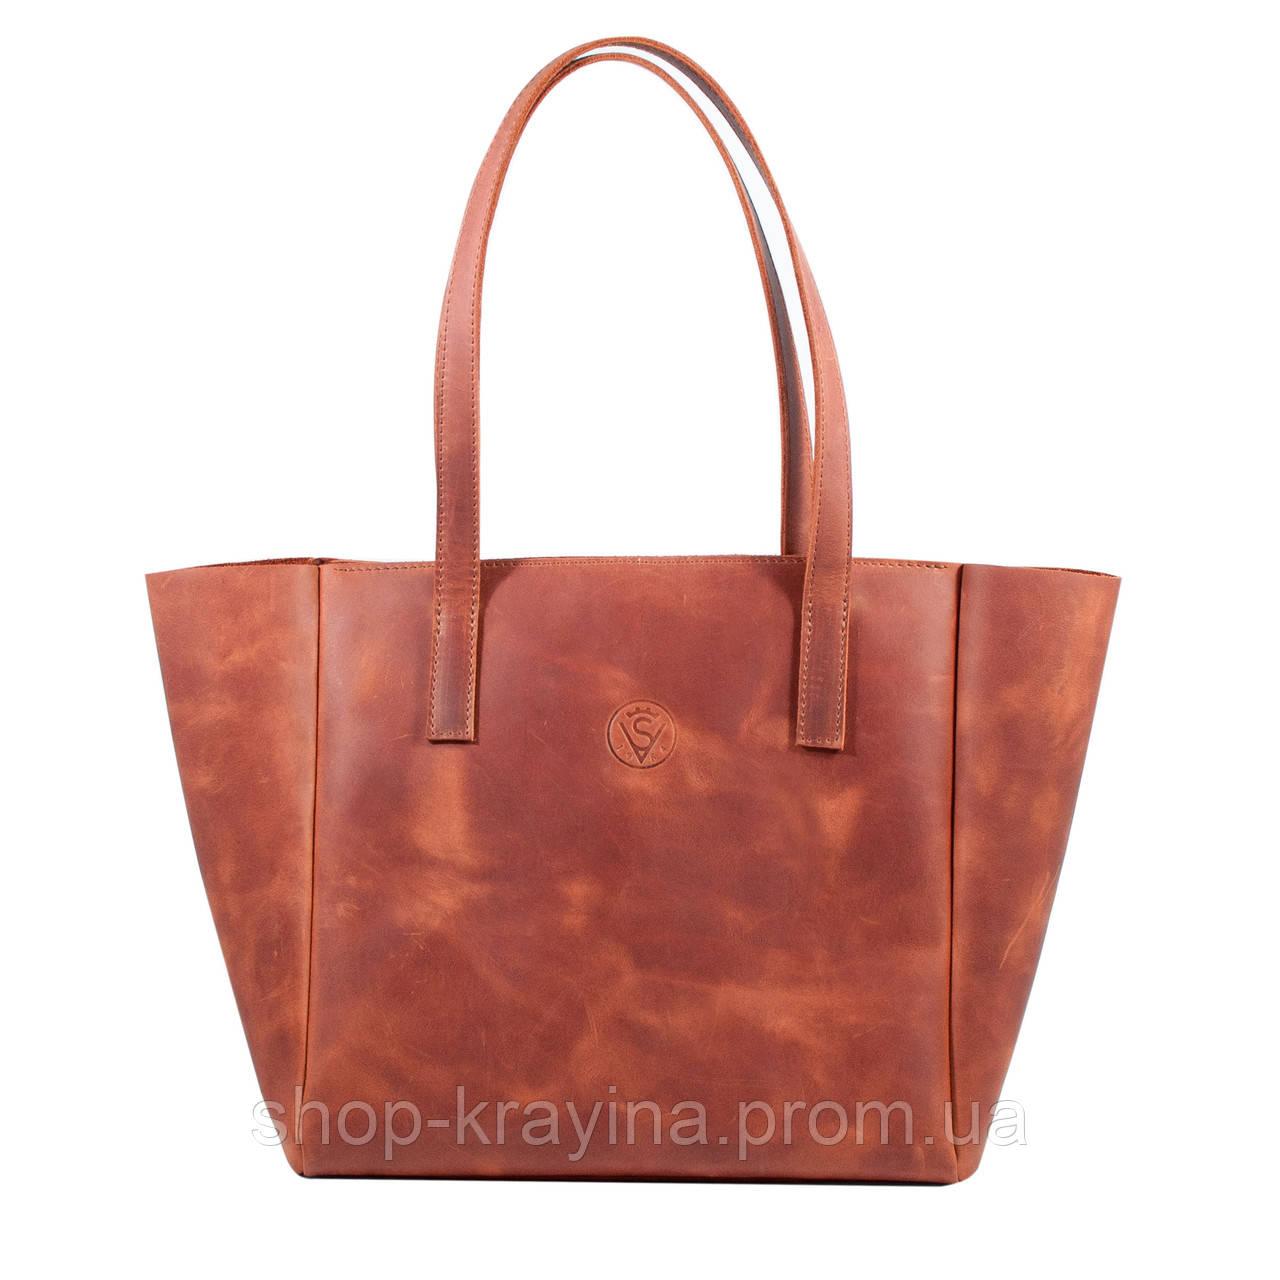 Кожаная сумка VS224 ginger 36х18,5х16 см